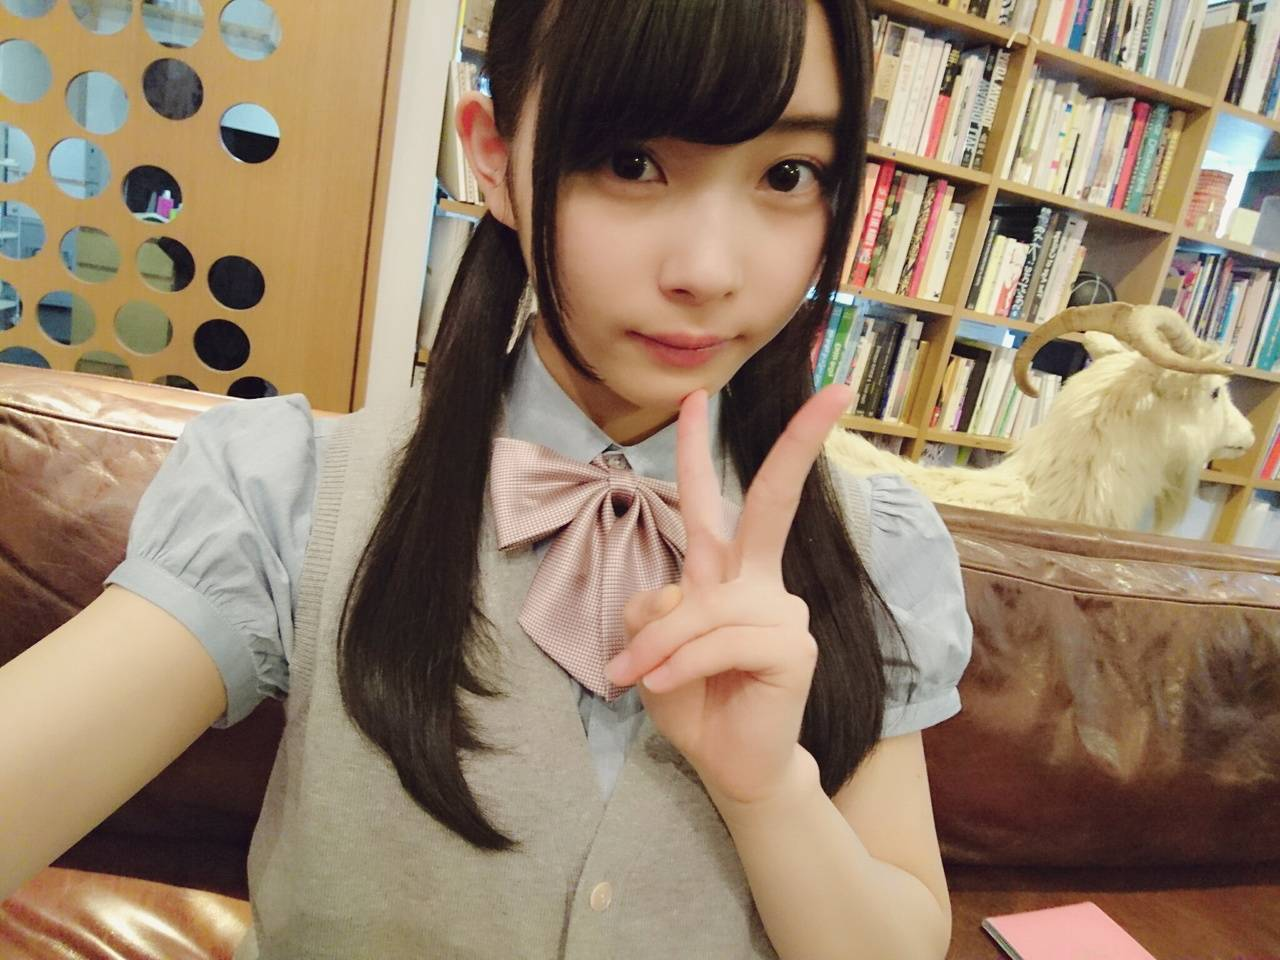 けやき坂46(ひらがなけやき)のフランス人形!柿崎芽実ちゃんがかわいすぎる・・・!